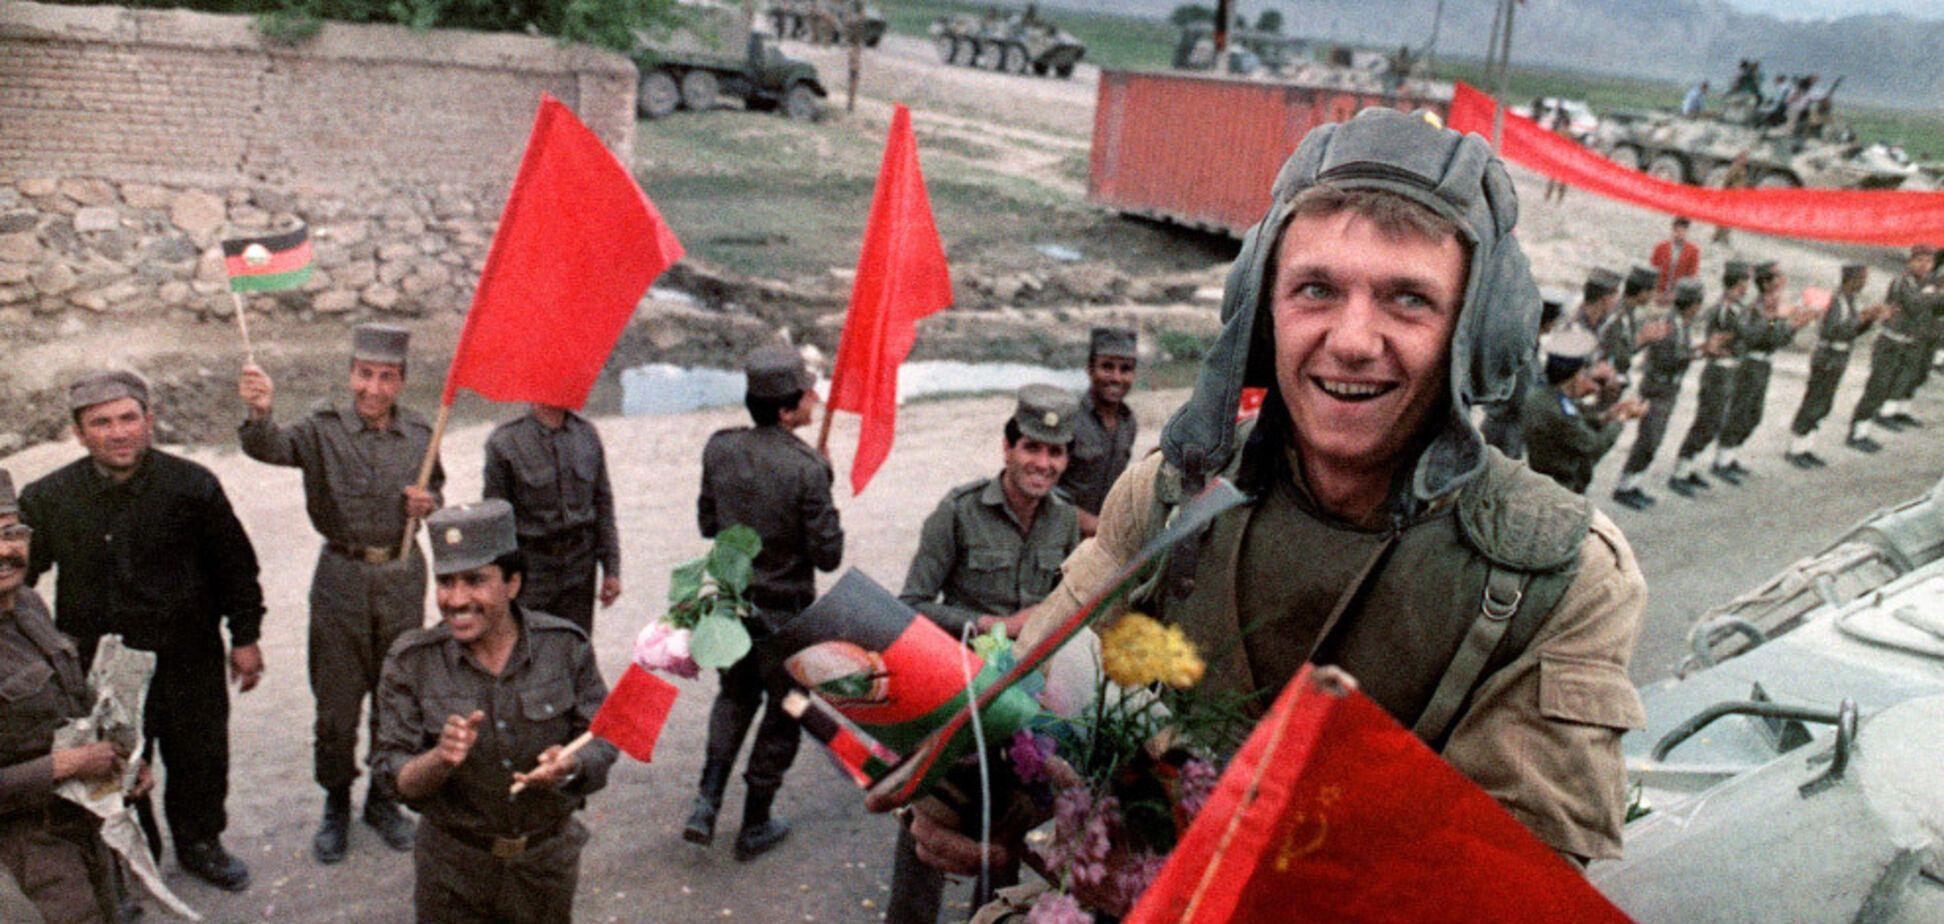 Вторжение СССР в Афганистан: подготовка велась годами